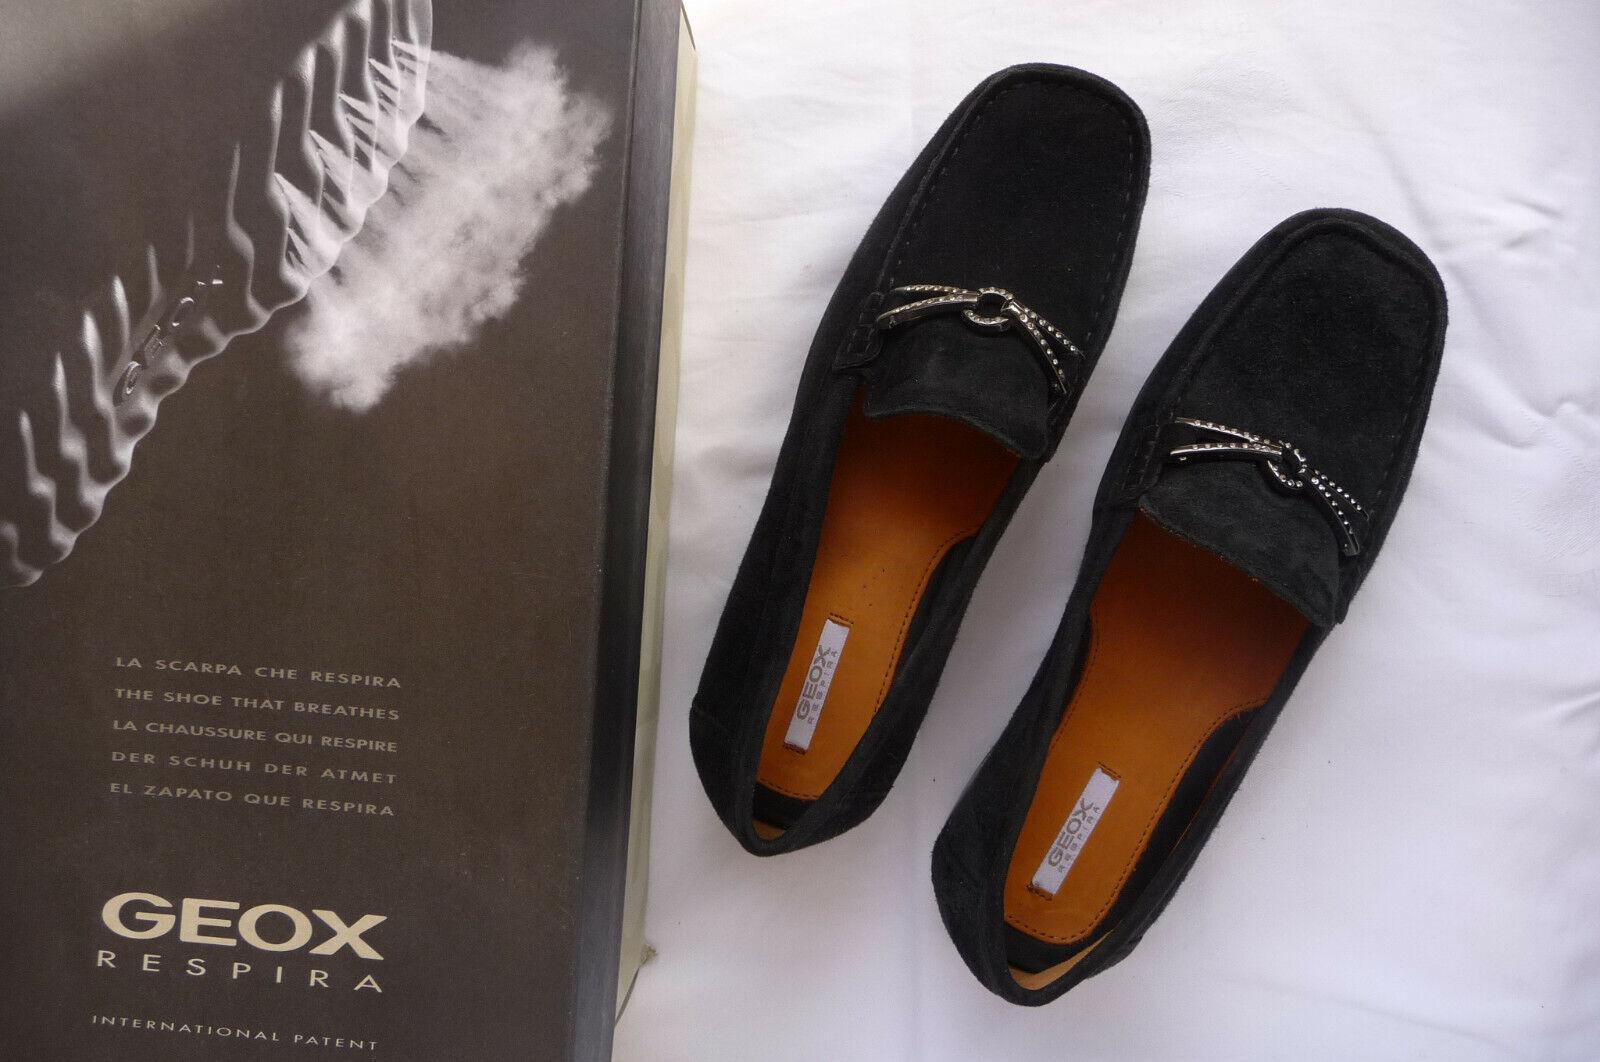 Schuhe GEOX GEOX GEOX Respira Gr. 37 Schwarz Nubukleder Futter Leder Neu & ungetragen 66aa89